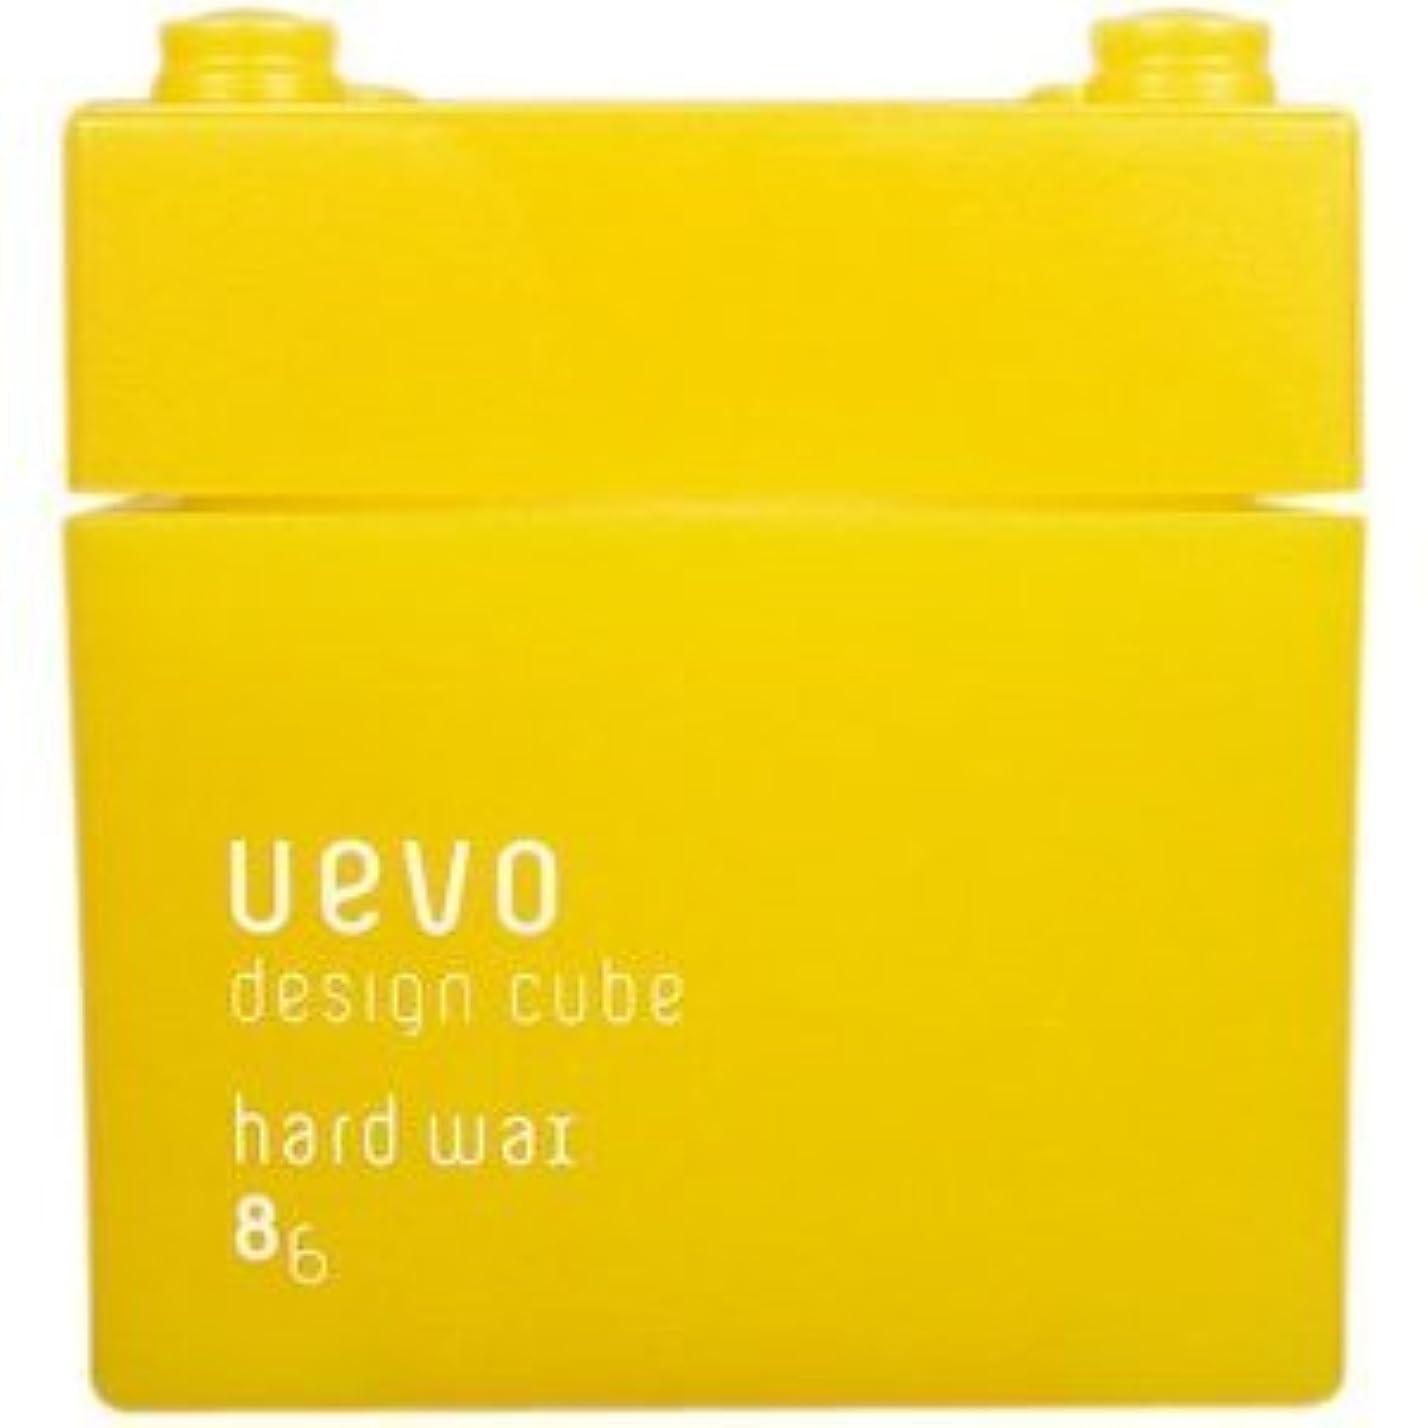 しっとり後世追放【X3個セット】 デミ ウェーボ デザインキューブ ハードワックス 80g hard wax DEMI uevo design cube